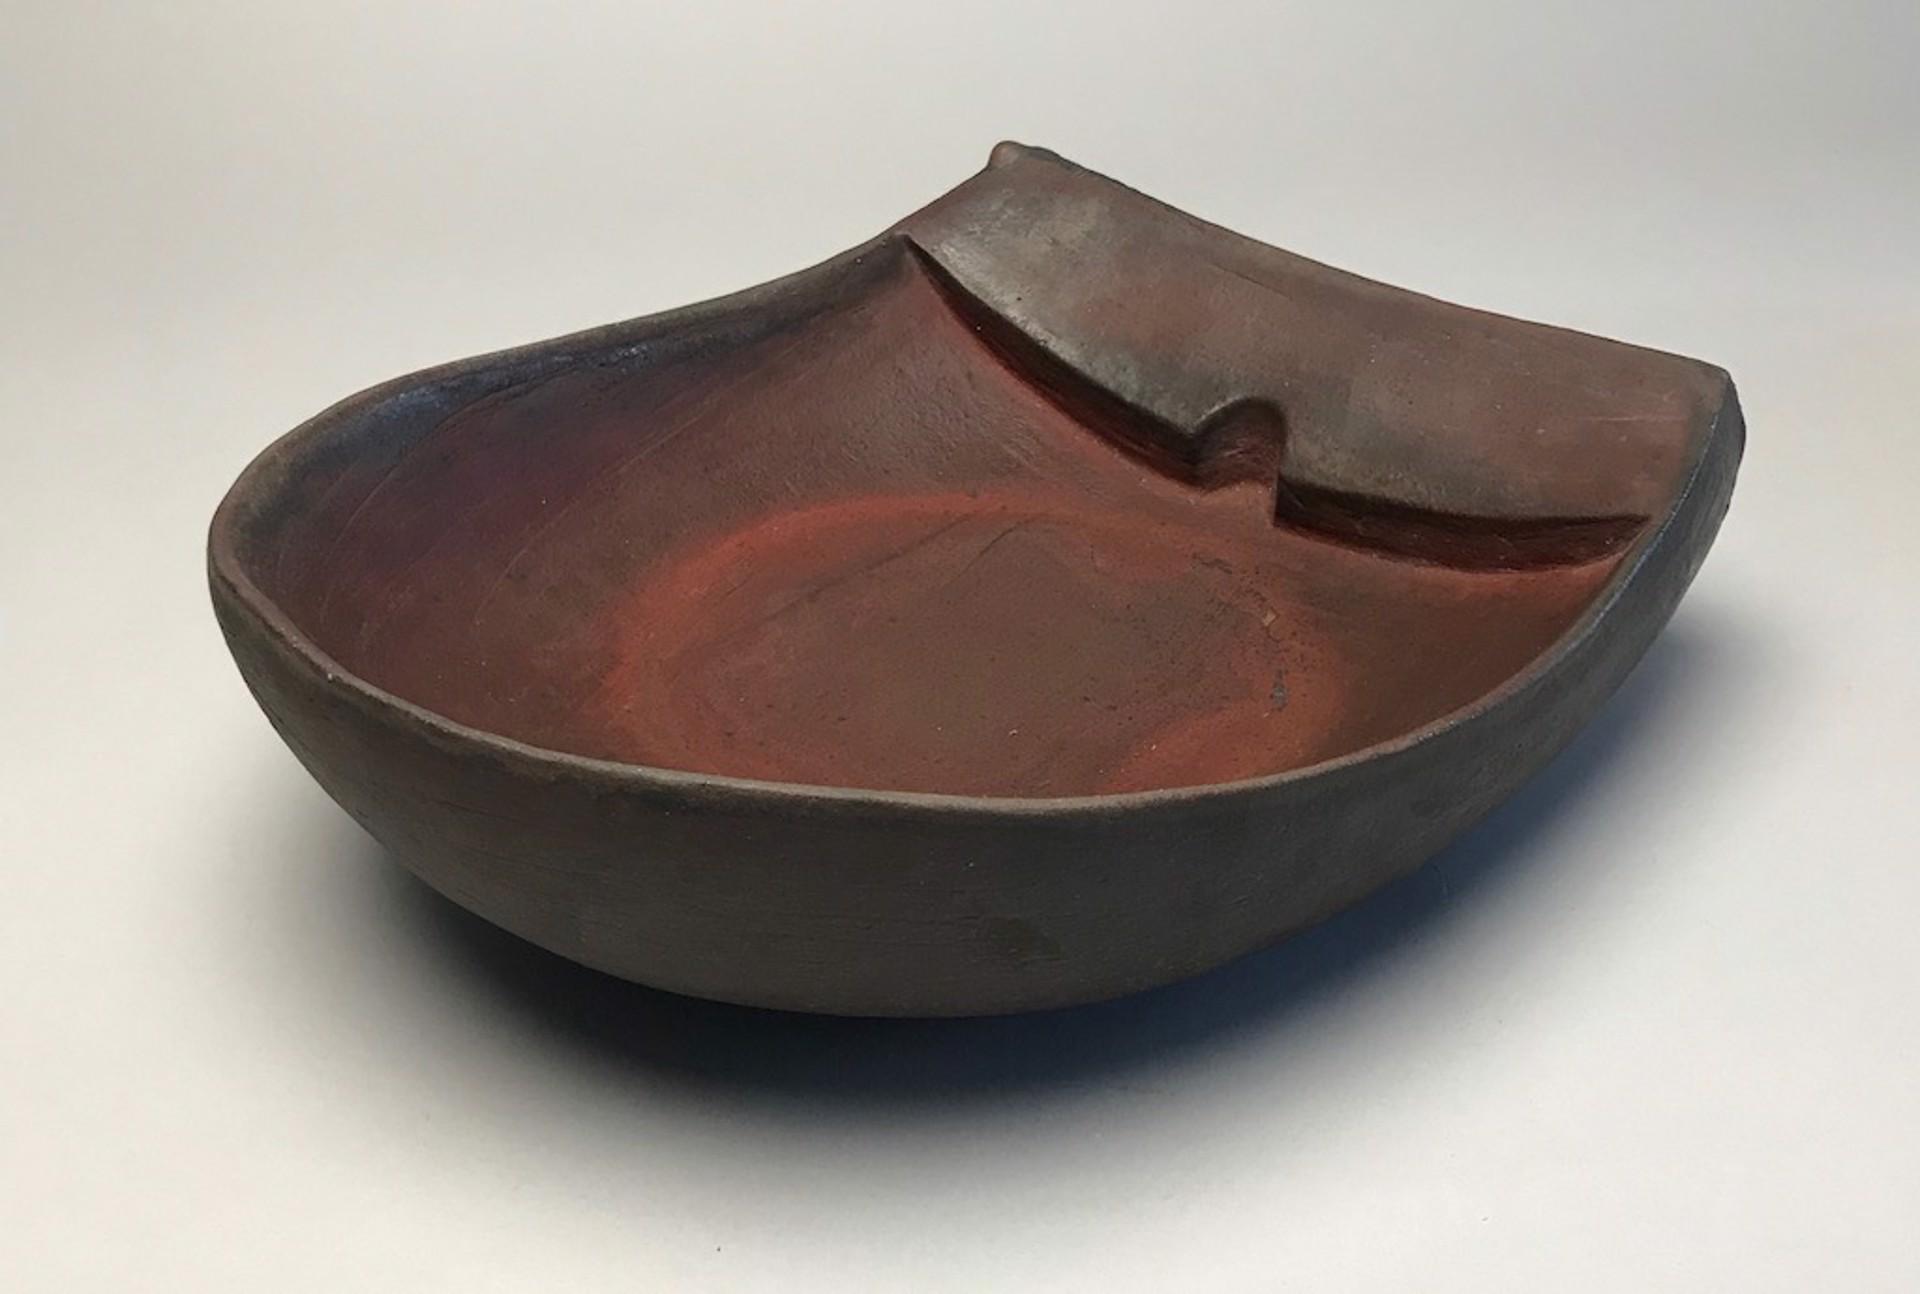 Cradle Bowl by Liz Lurie